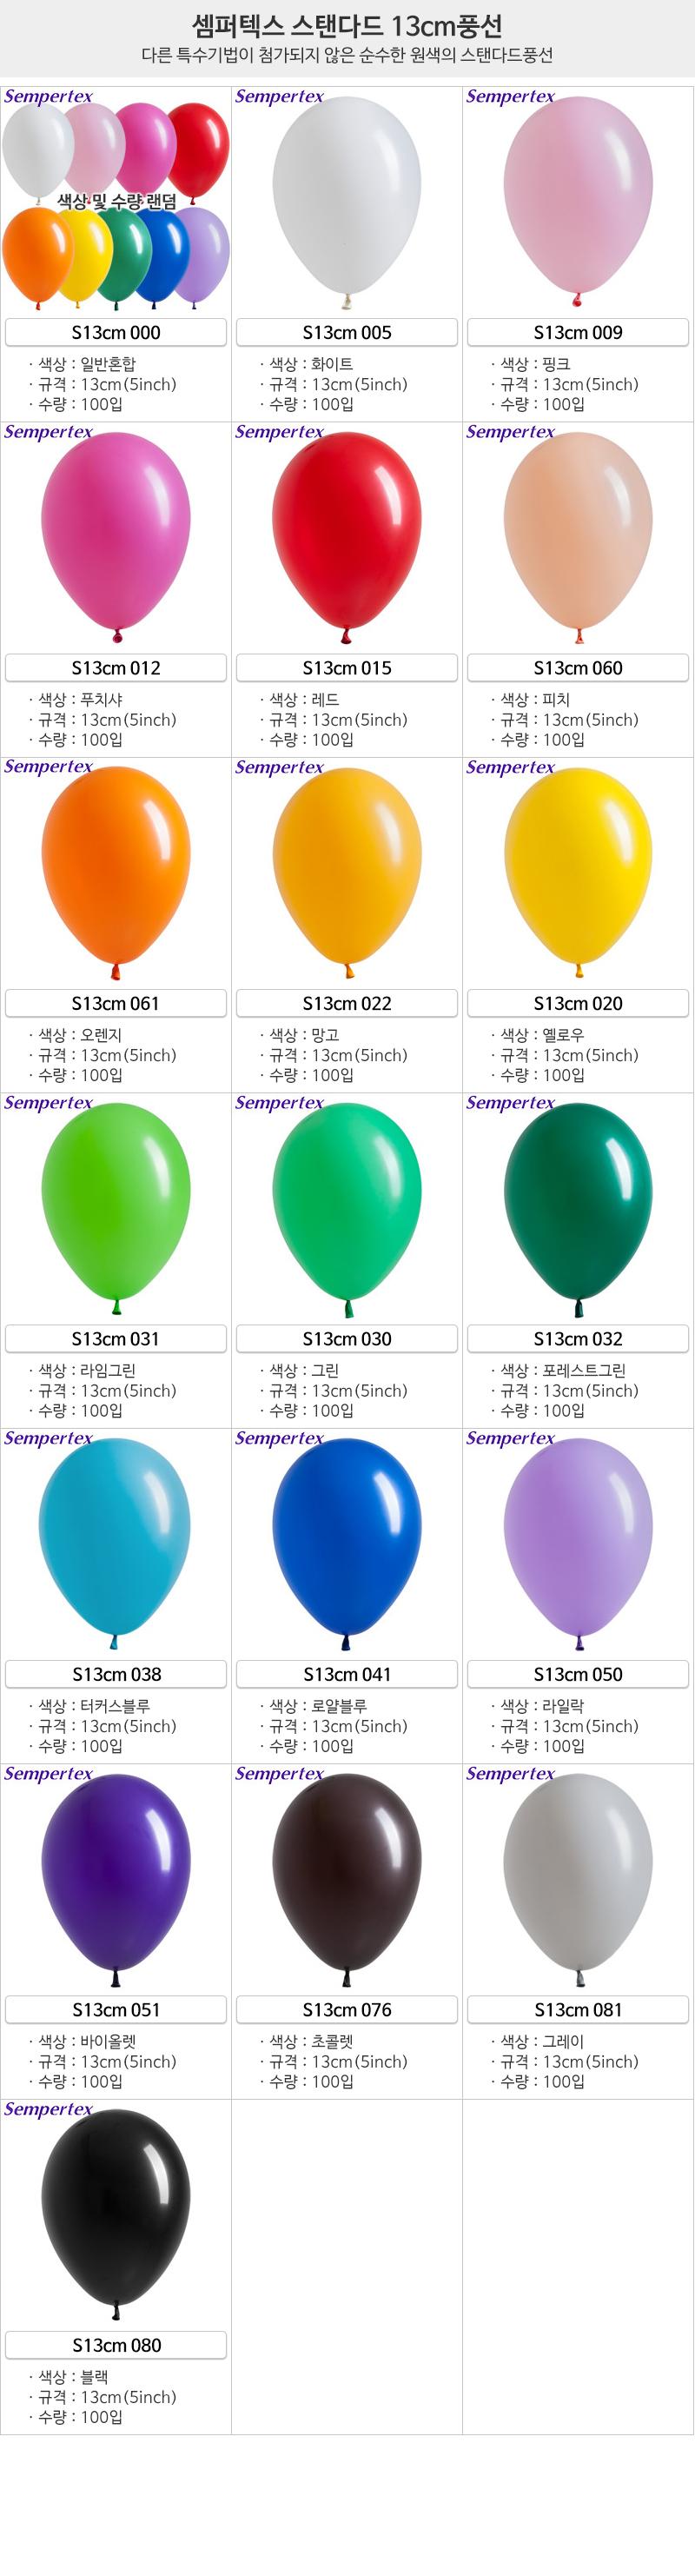 셈퍼텍스 13cm풍선(5인치) 파스텔혼합 100입 - 파티마트, 5,400원, 파티용품, 풍선/세트